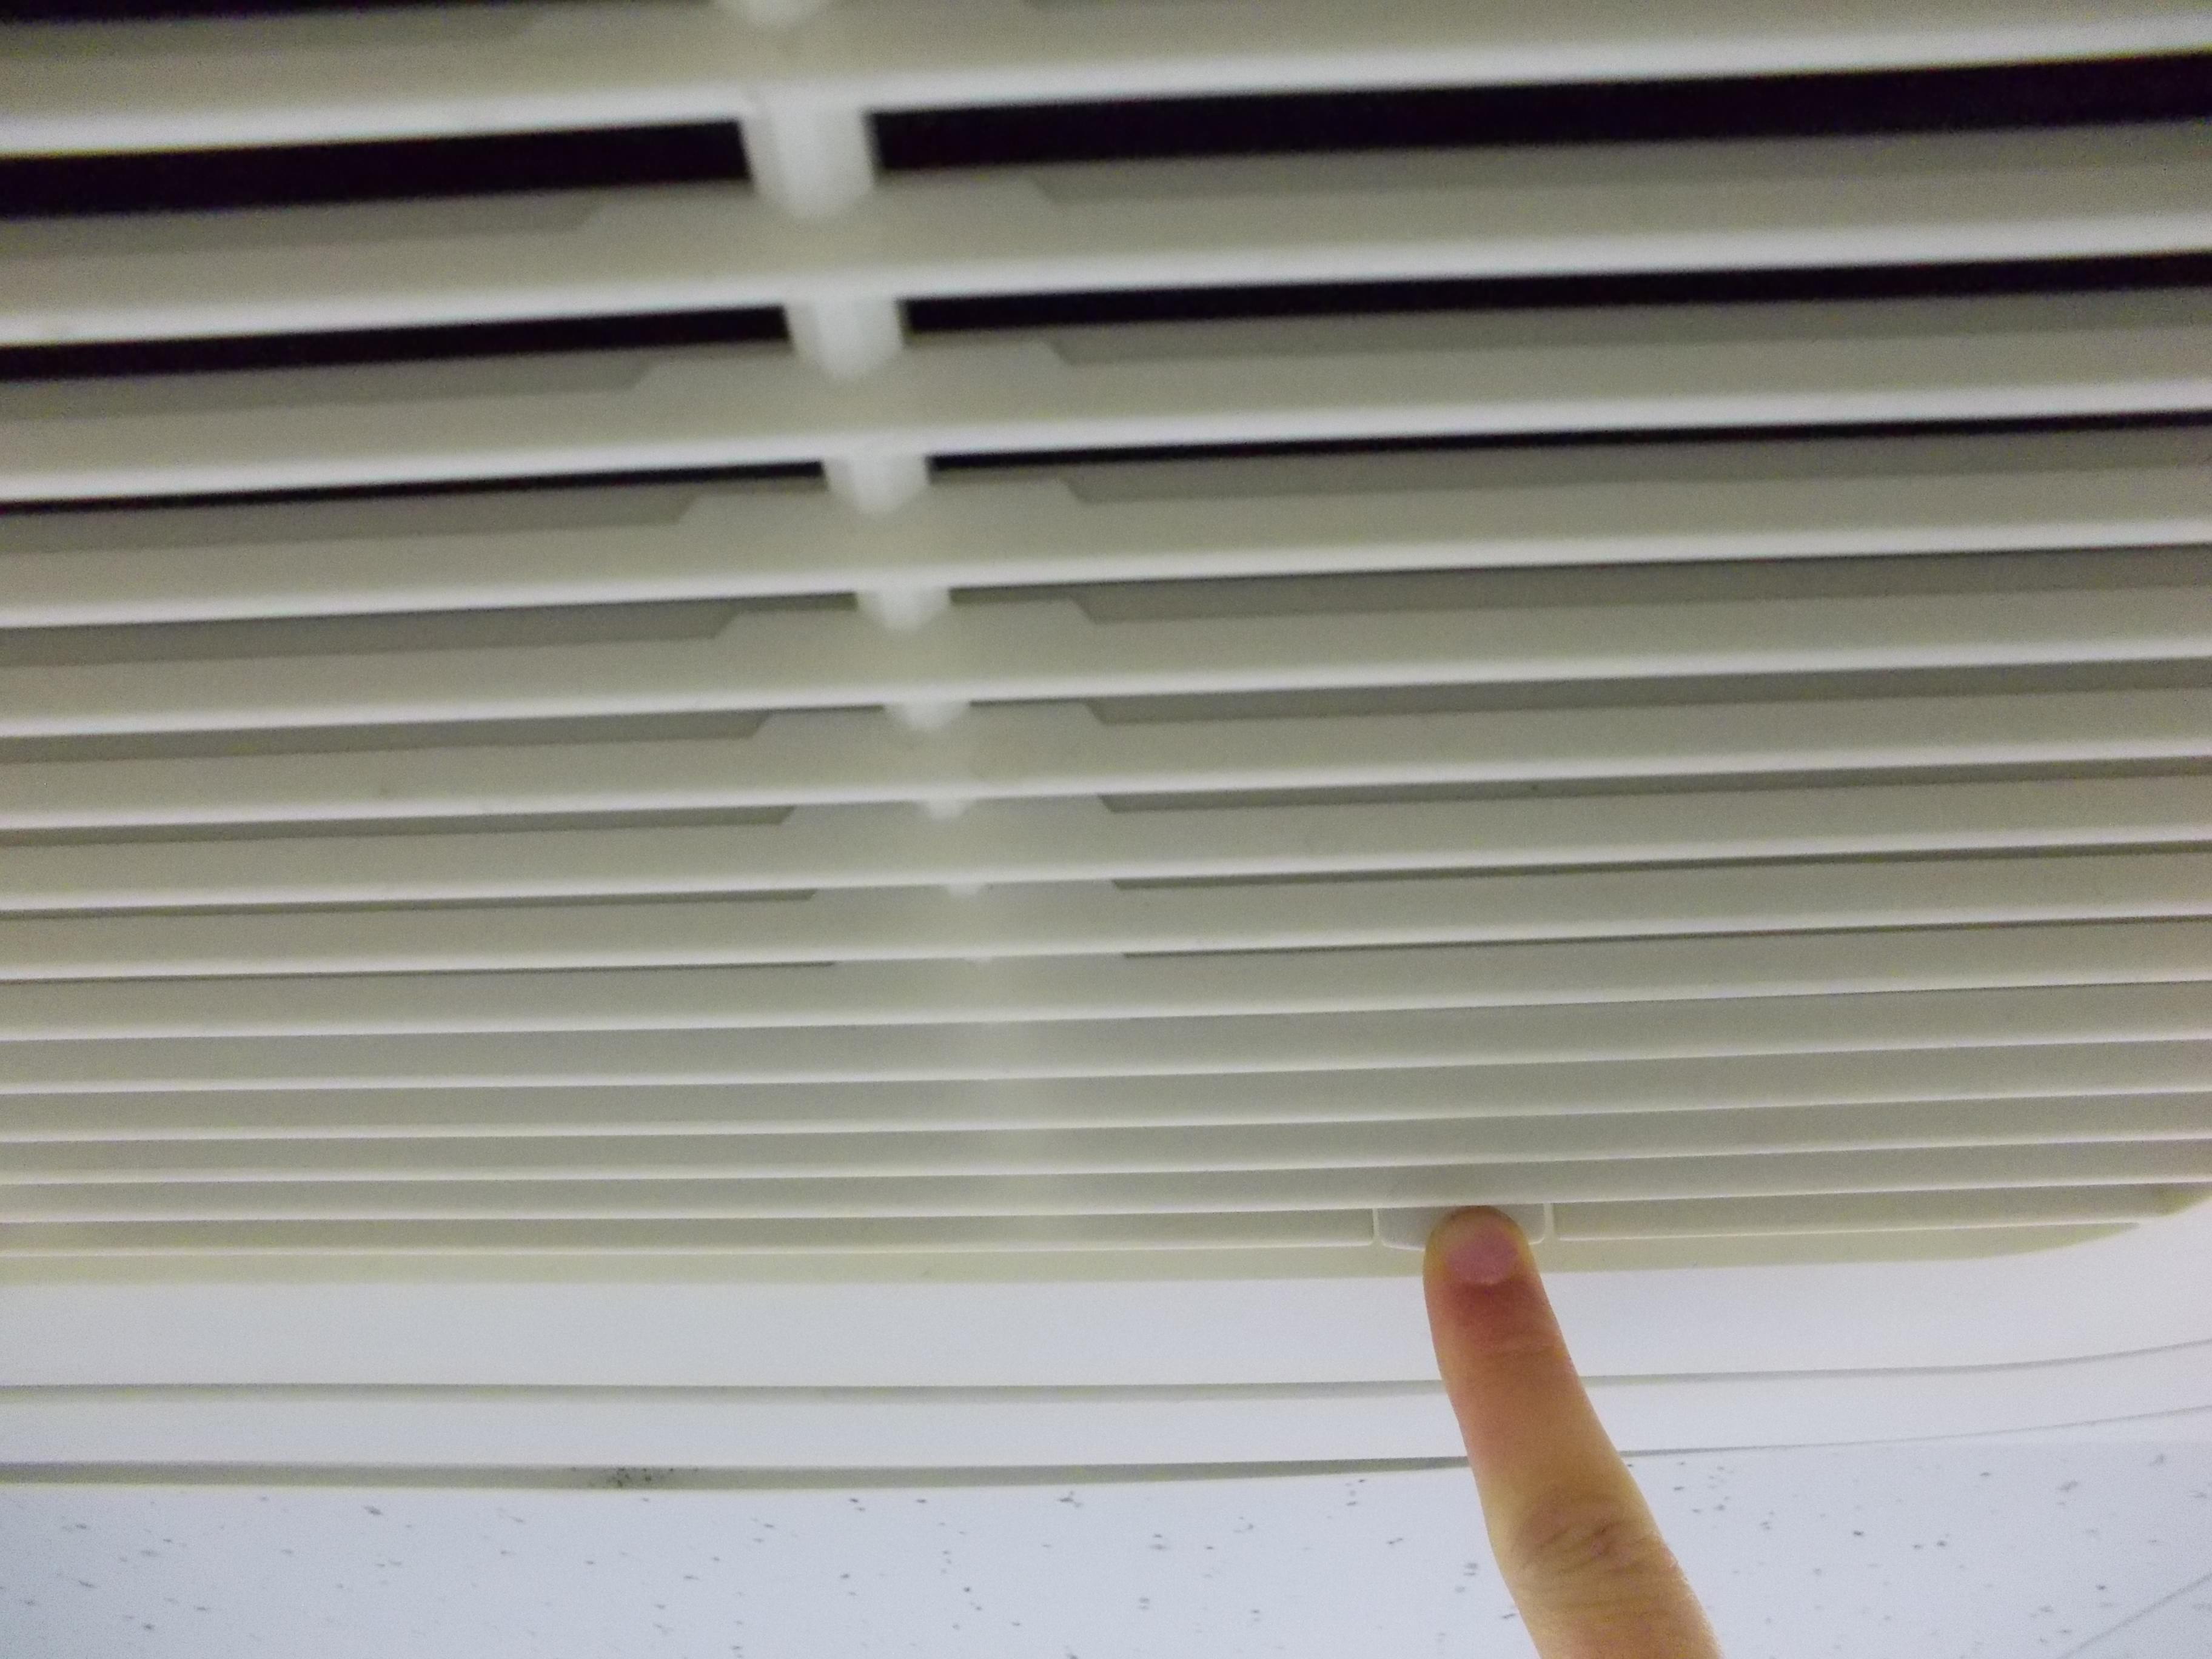 エアコン フィルター 外し方